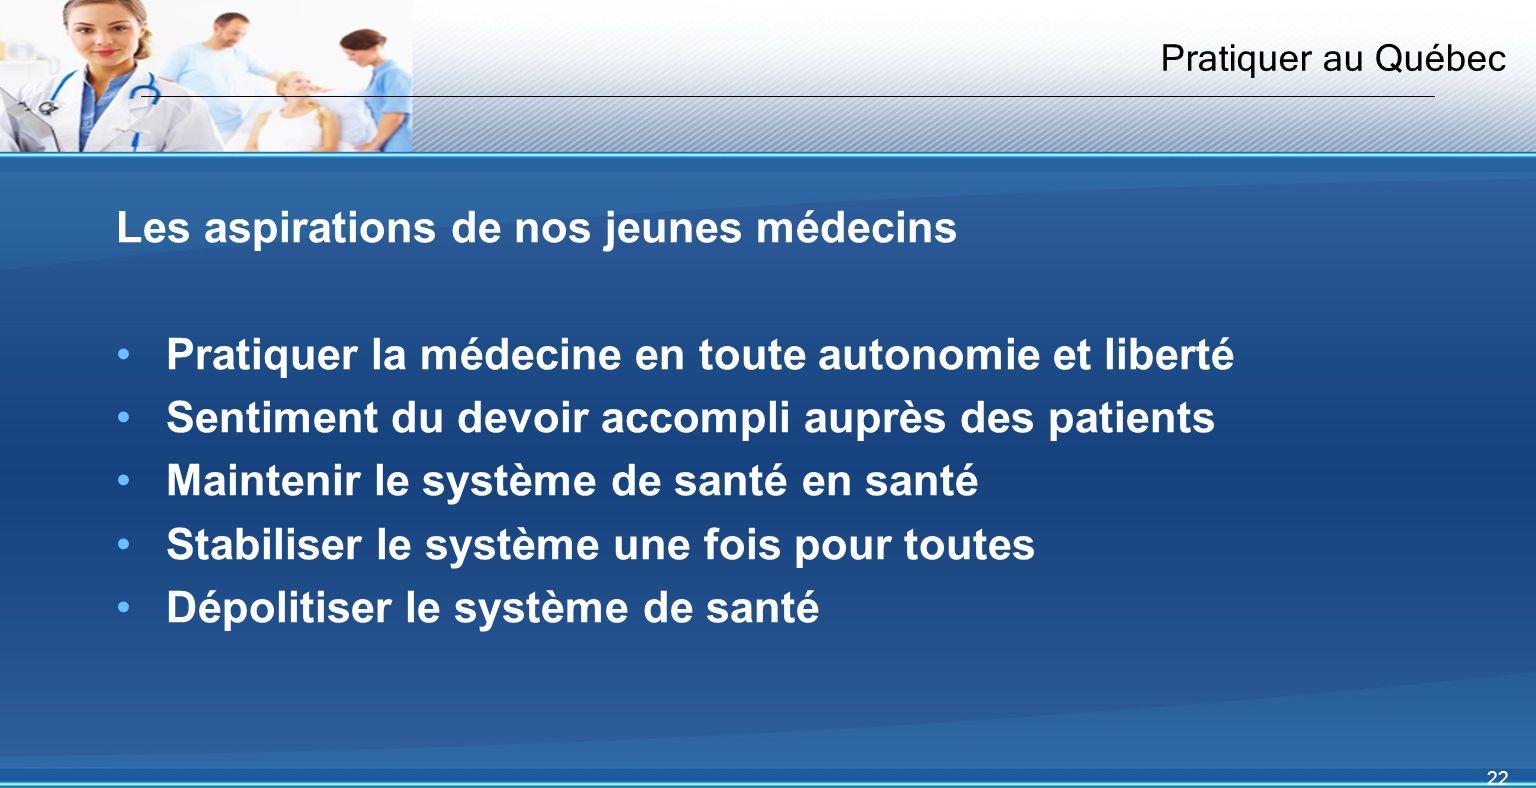 22 Pratiquer au Québec Les aspirations de nos jeunes médecins Pratiquer la médecine en toute autonomie et liberté Sentiment du devoir accompli auprès des patients Maintenir le système de santé en santé Stabiliser le système une fois pour toutes Dépolitiser le système de santé